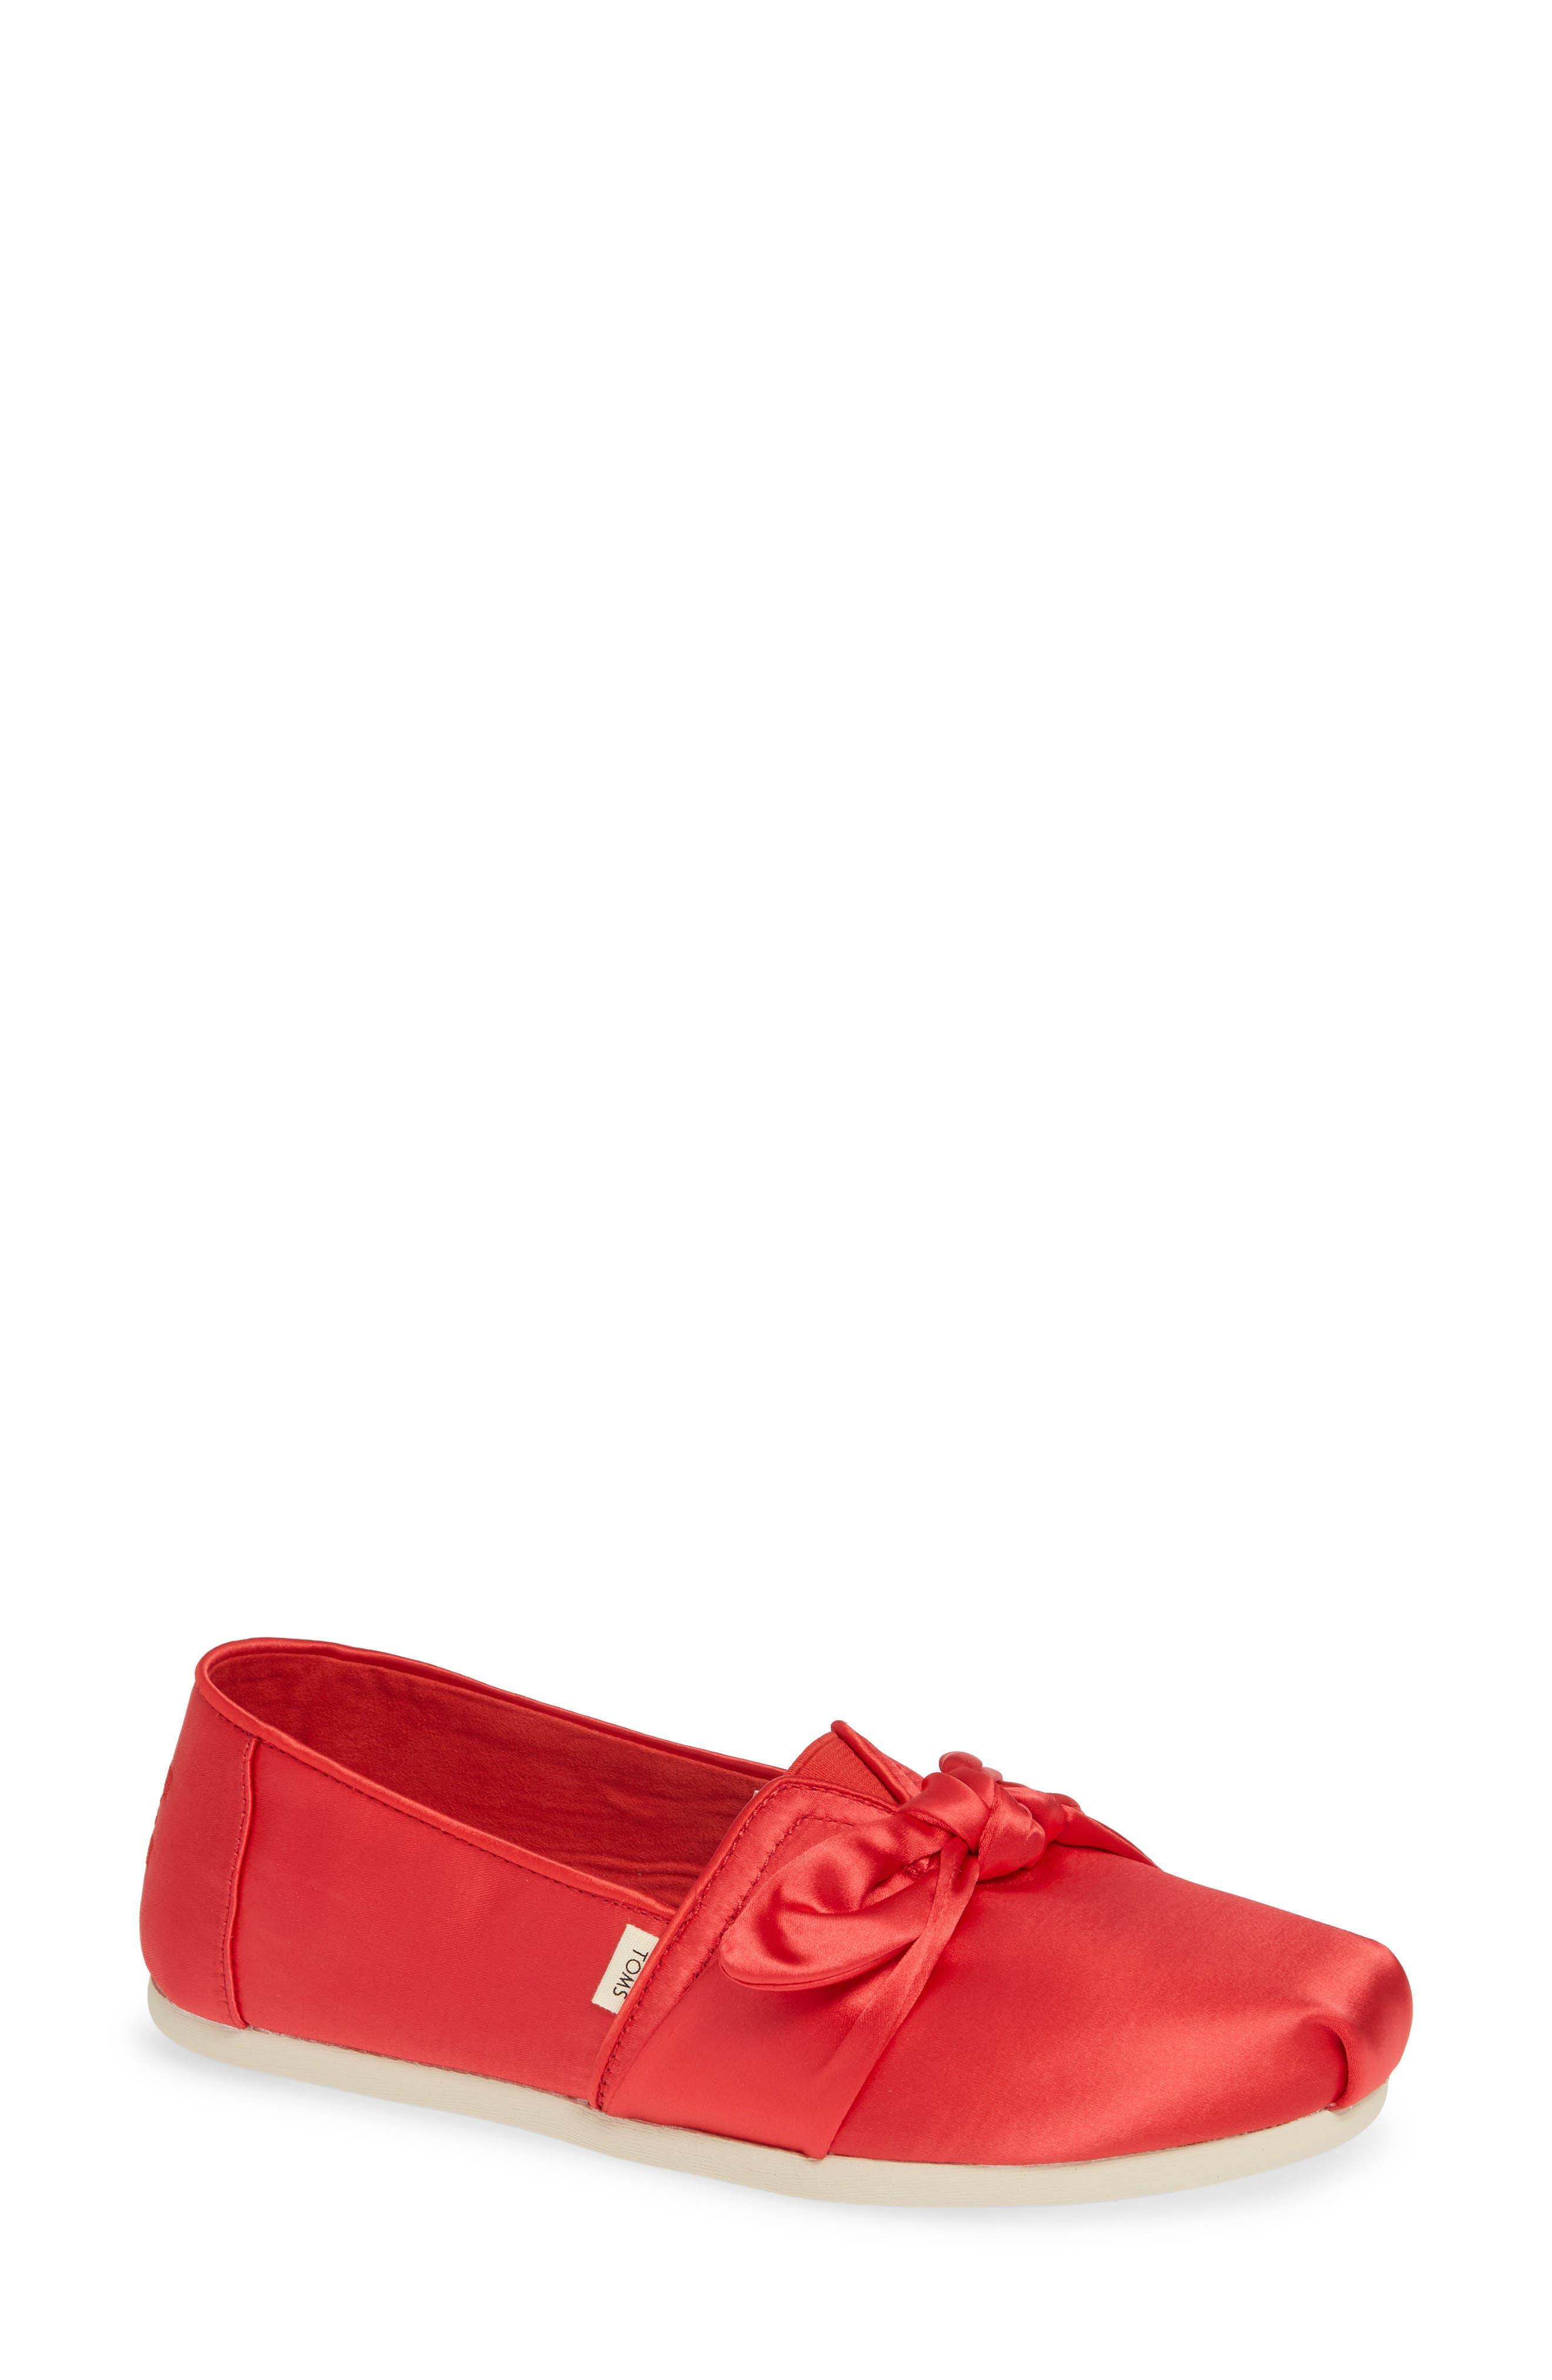 Alpargata Bow Slip-On, Main, color, RED LAVA FABRIC